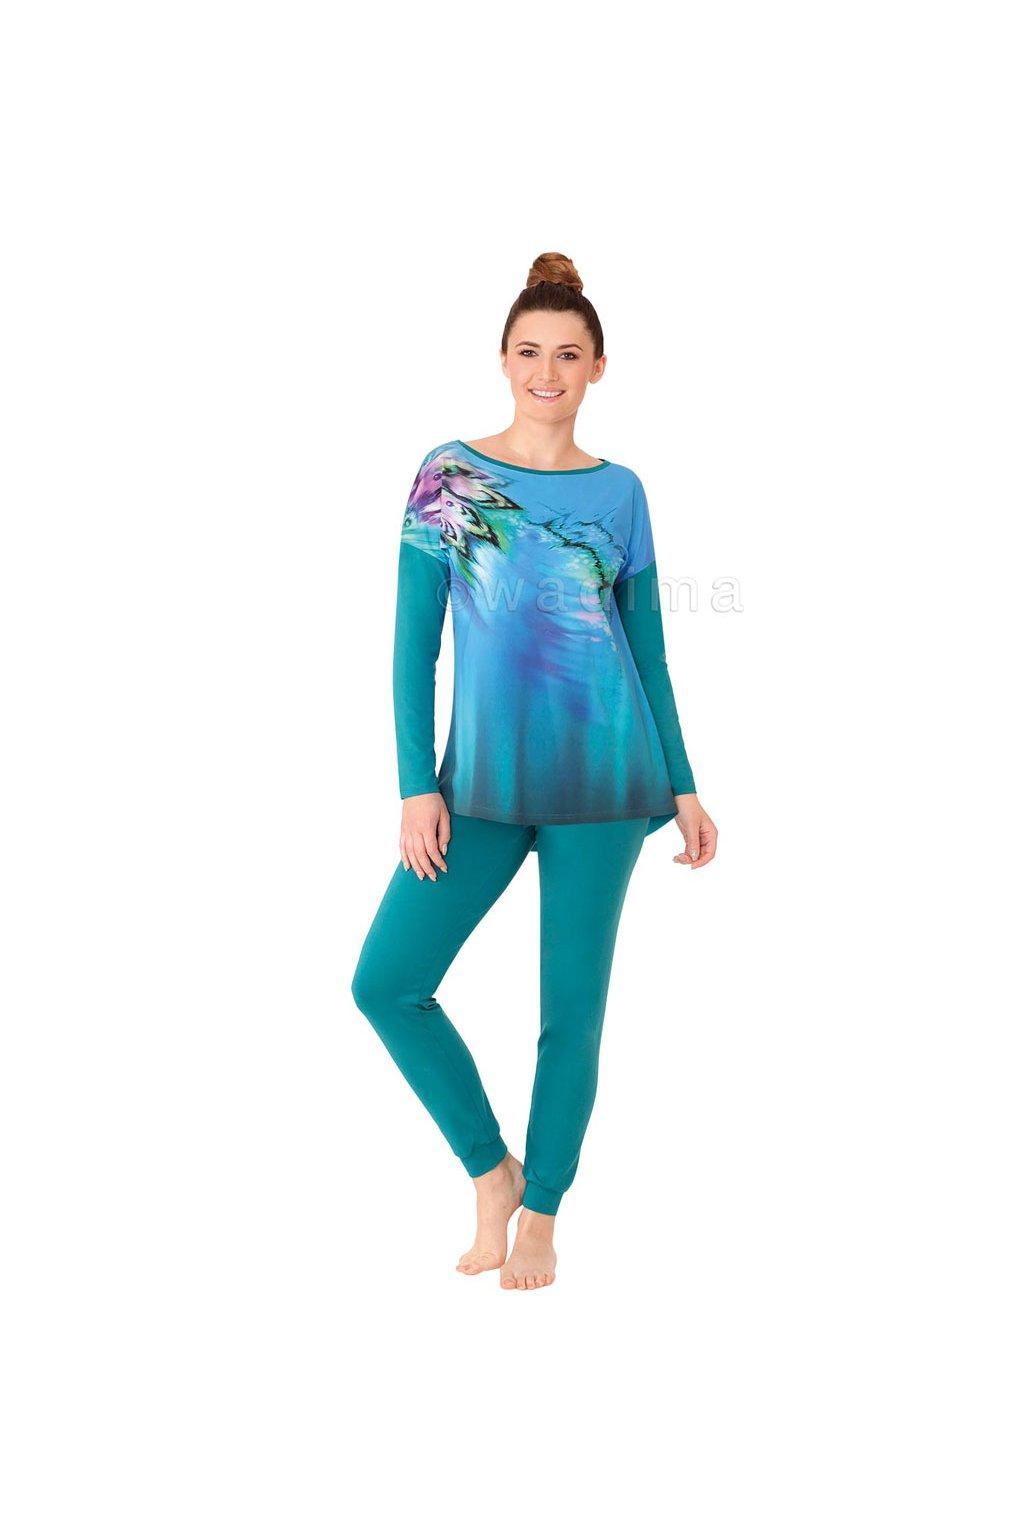 Dámské pyžamo s dlouhým rukávem, 104387 323, tyrkysová